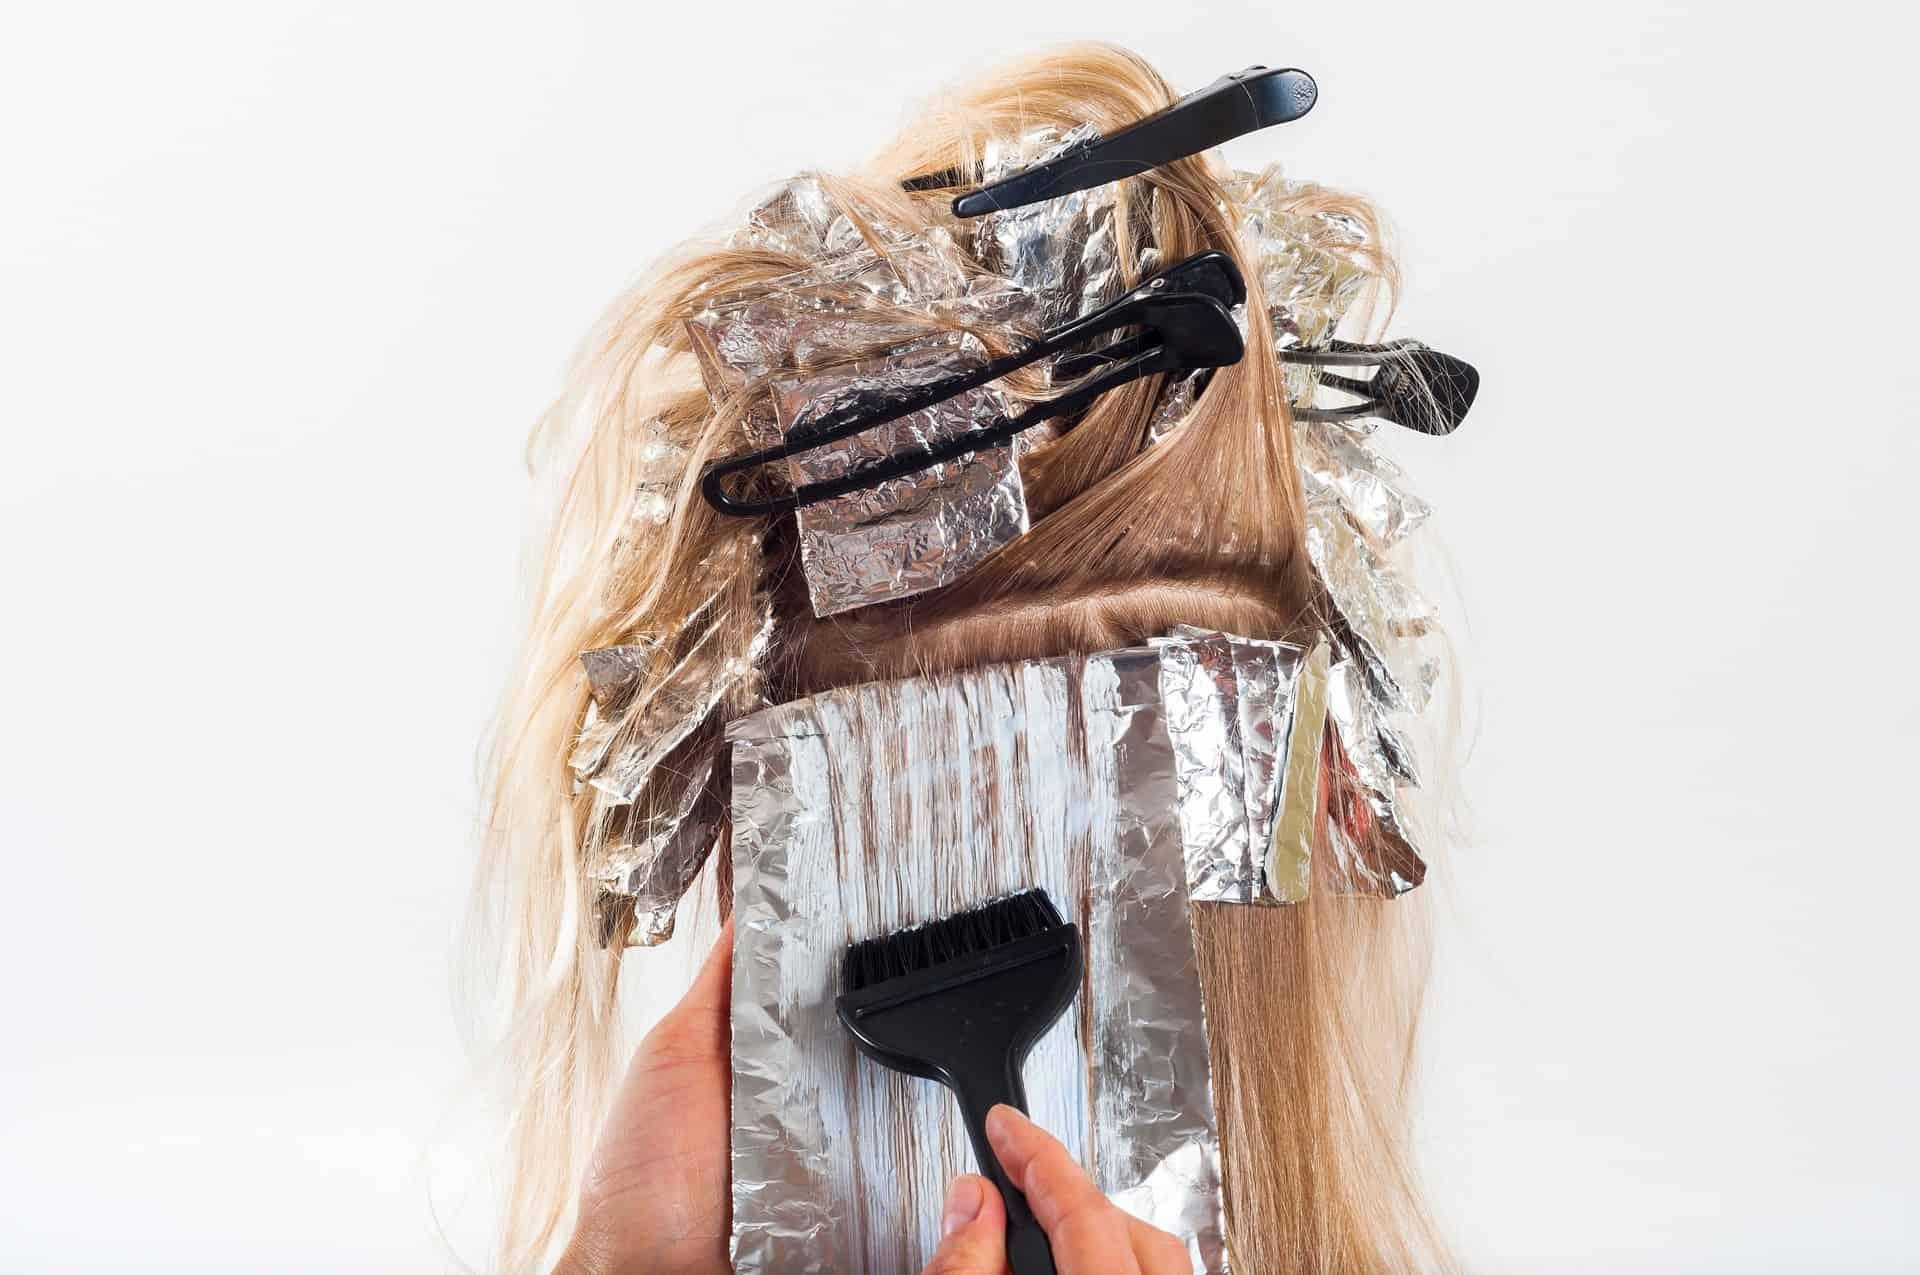 Cabeleireiro tingindo cabelo de mulher de loiro.